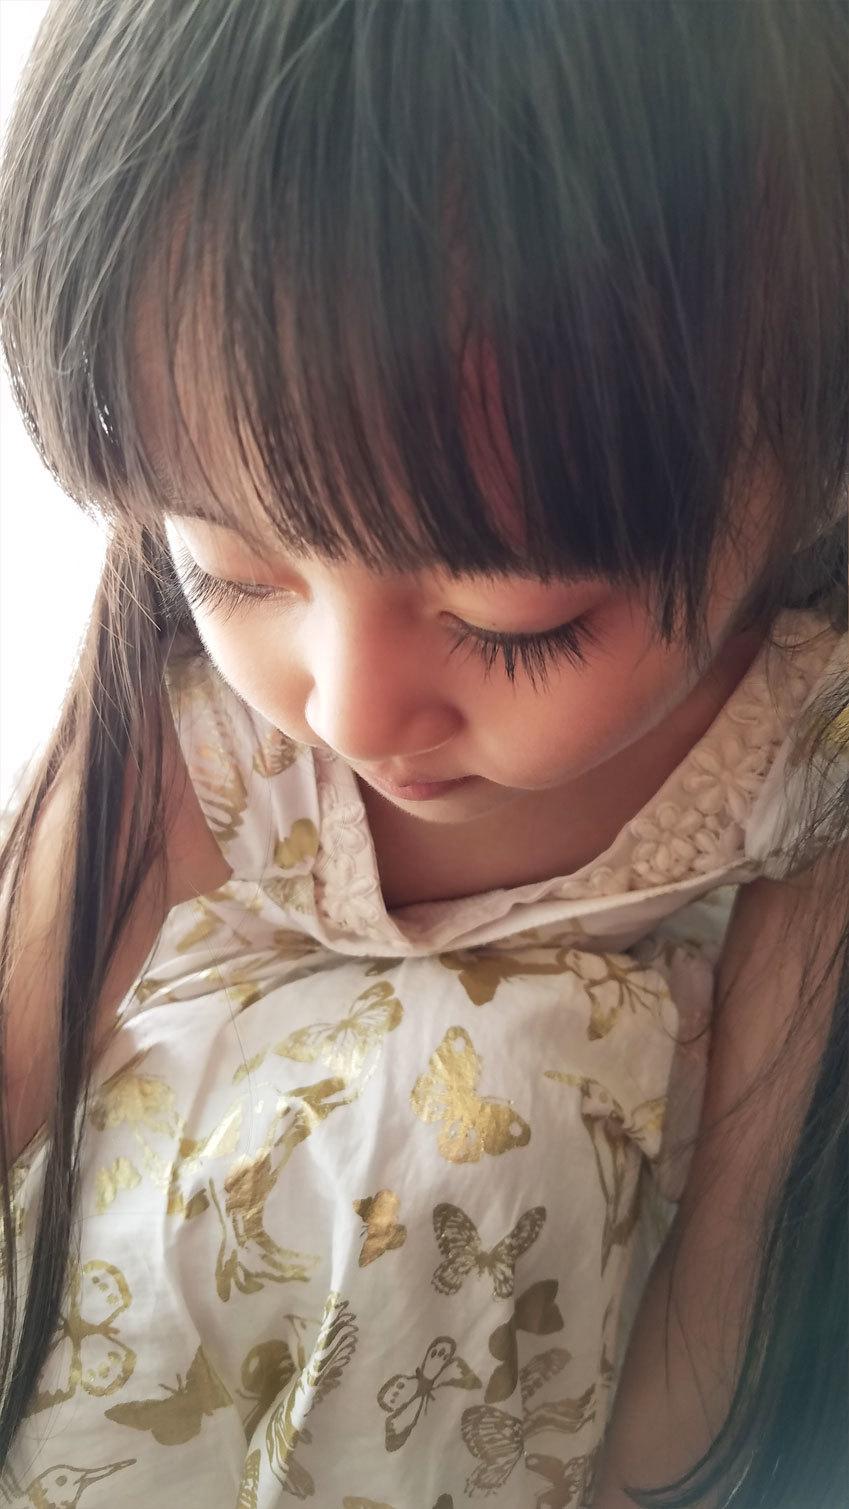 「お花さんおはよう。今日も、綺麗ね♡」算数や文字、そして色んなお勉強。_d0224894_11513880.jpg